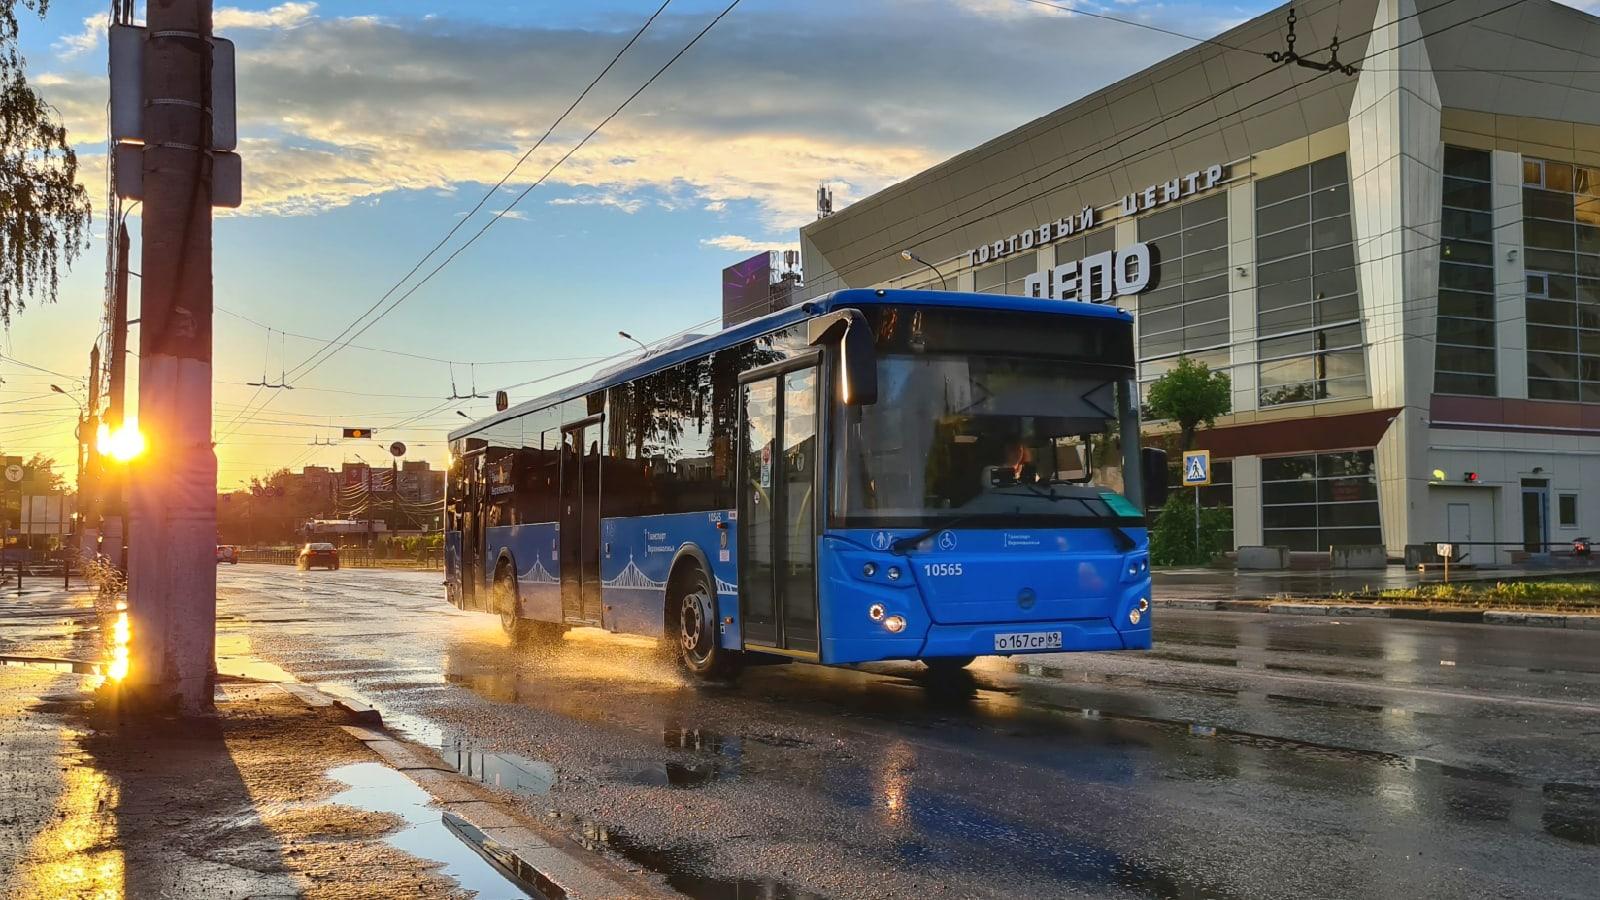 Тверские школьники проехались на синих автобусах 78 тысяч раз